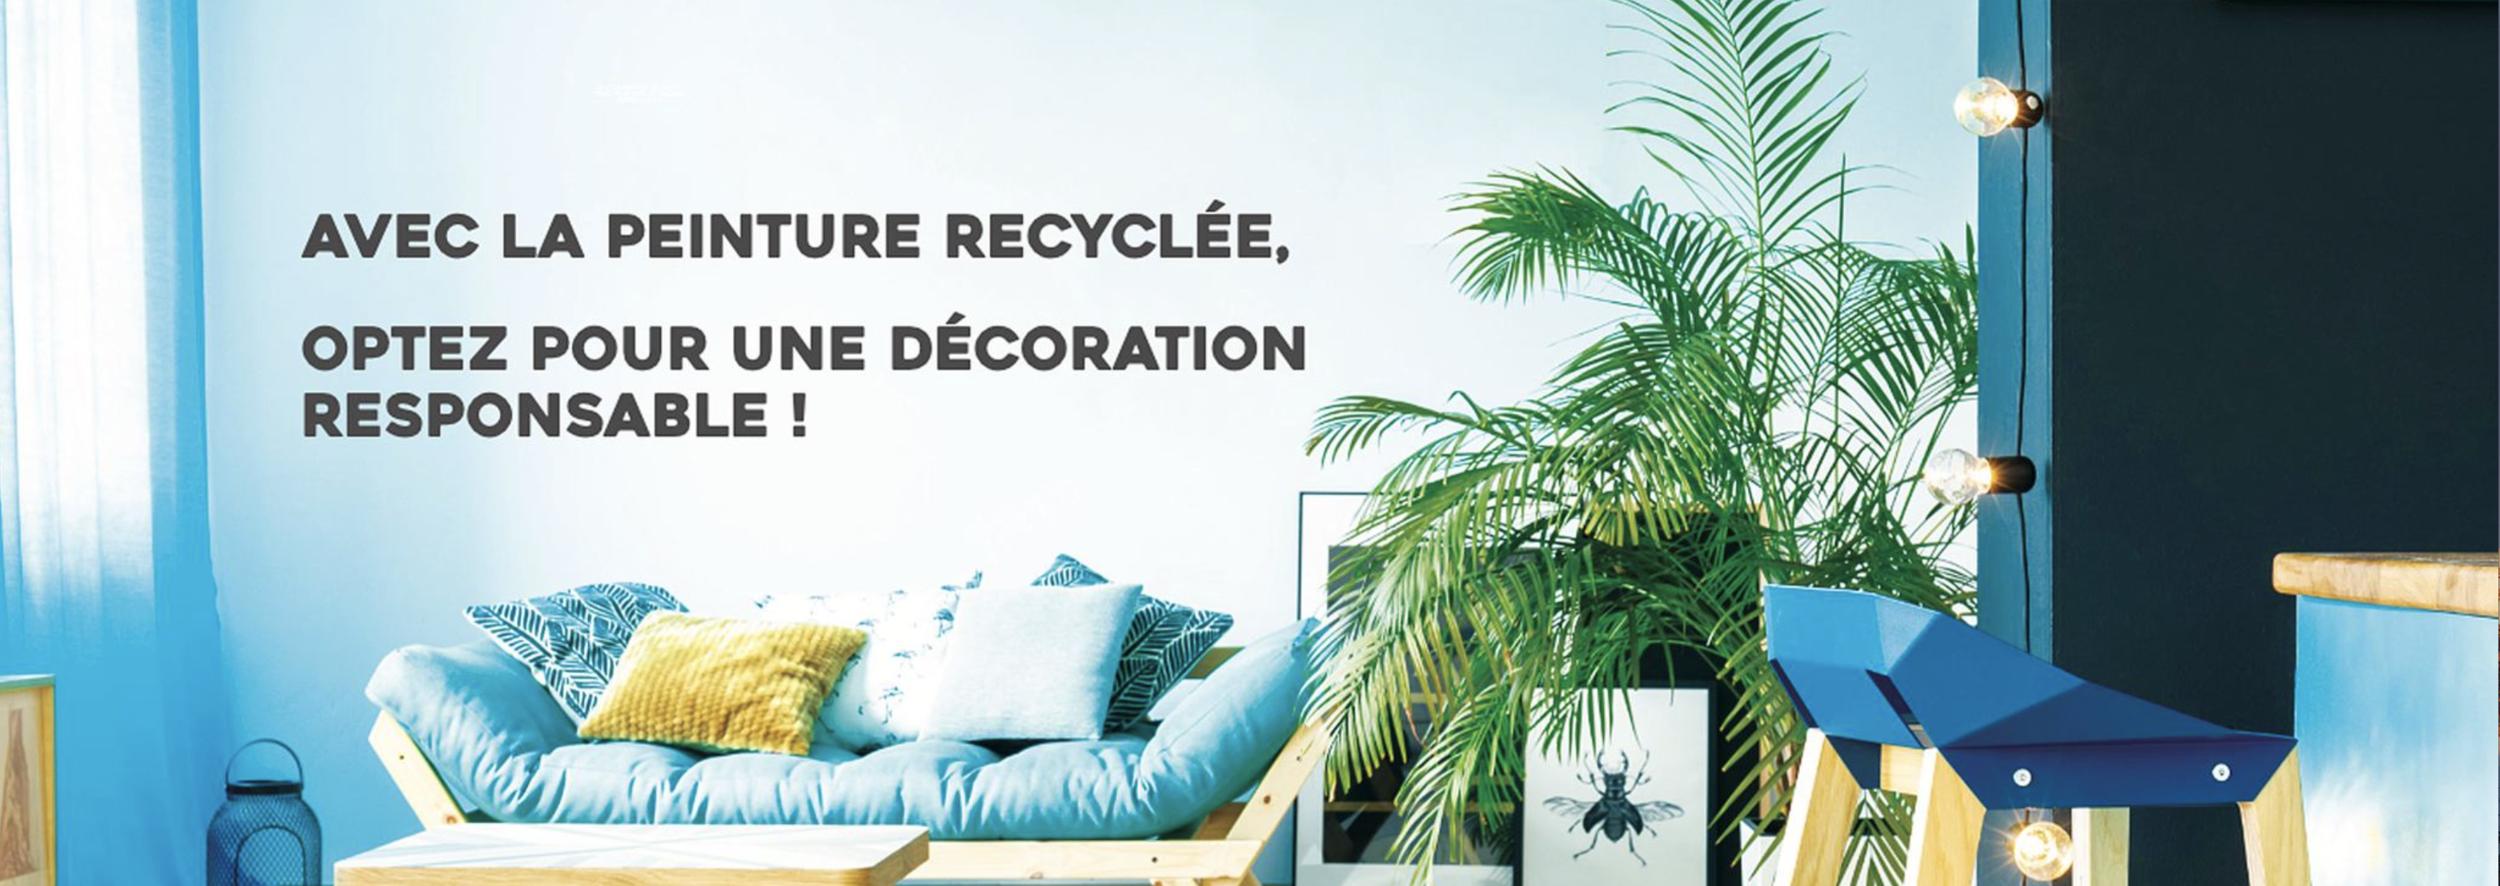 circouleur-peinture-recyclée-ecologique